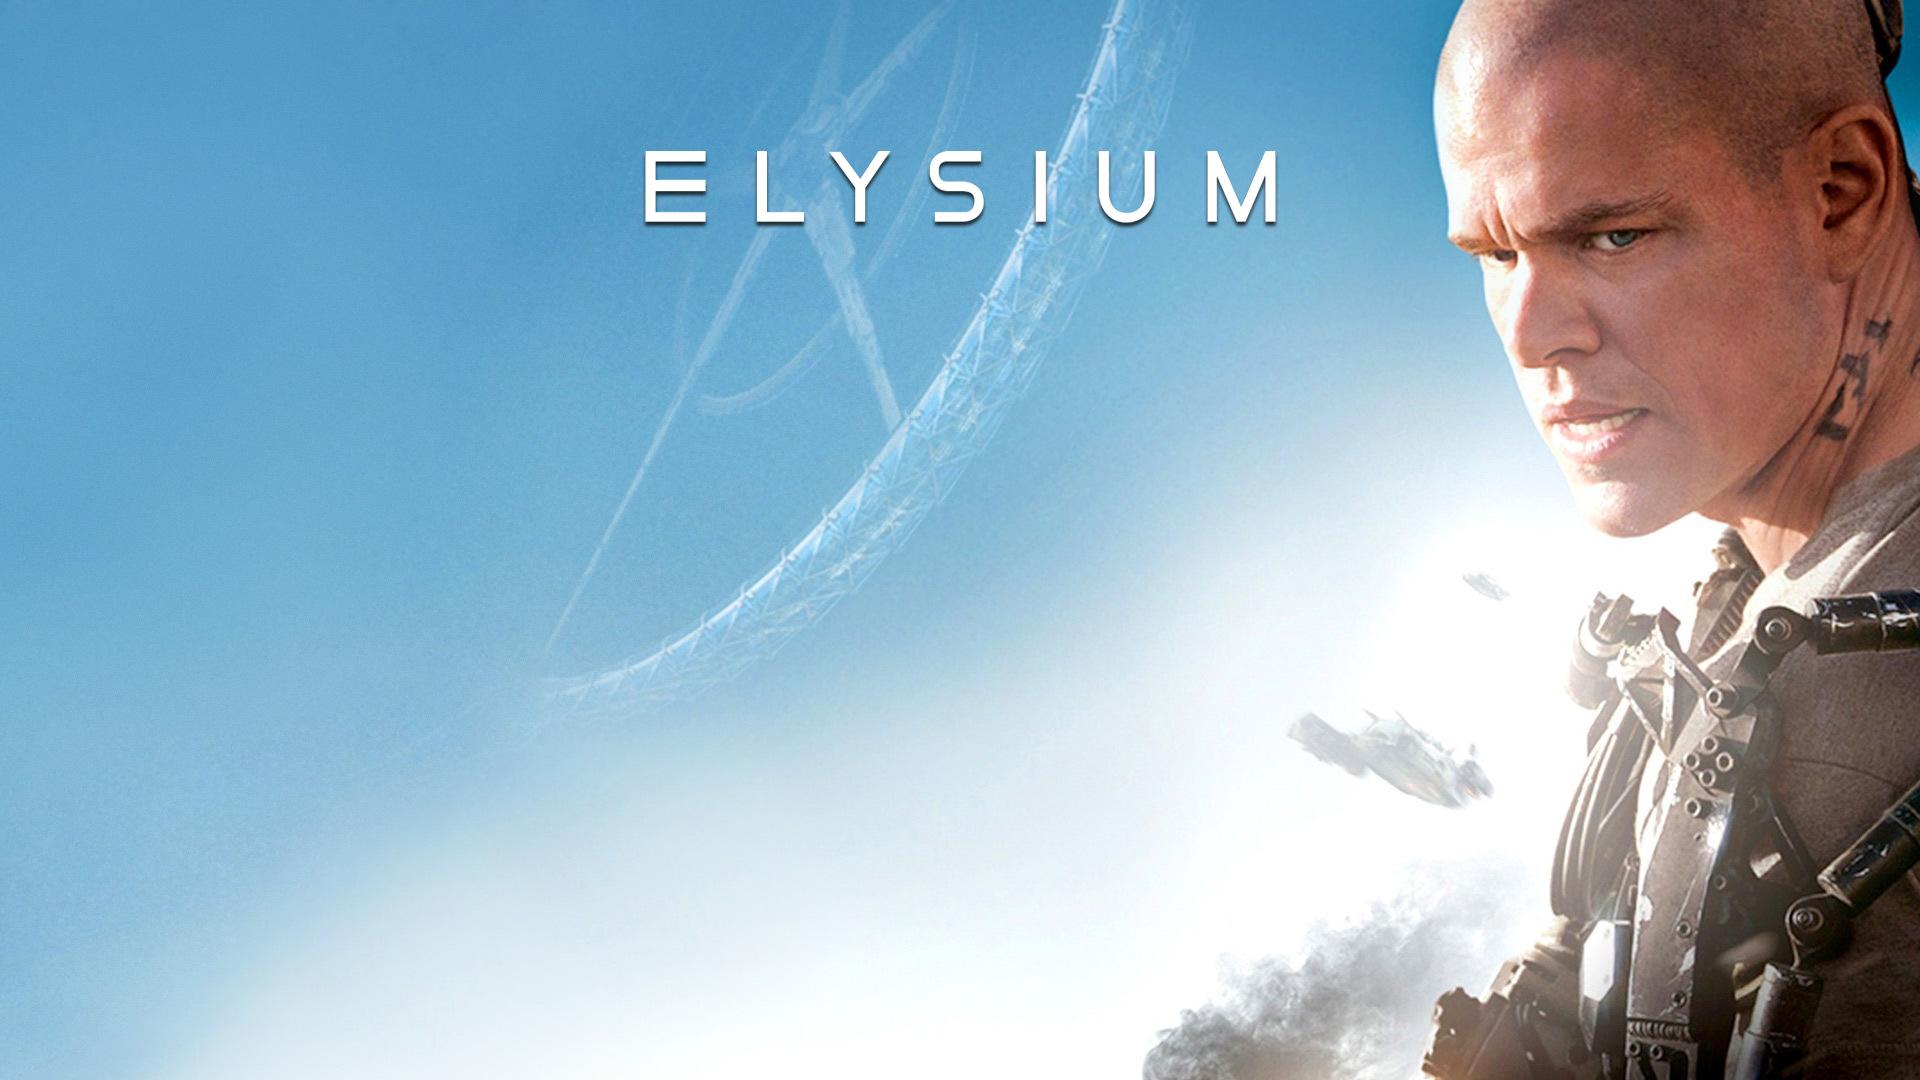 Elysium [OV] (4K UHD)